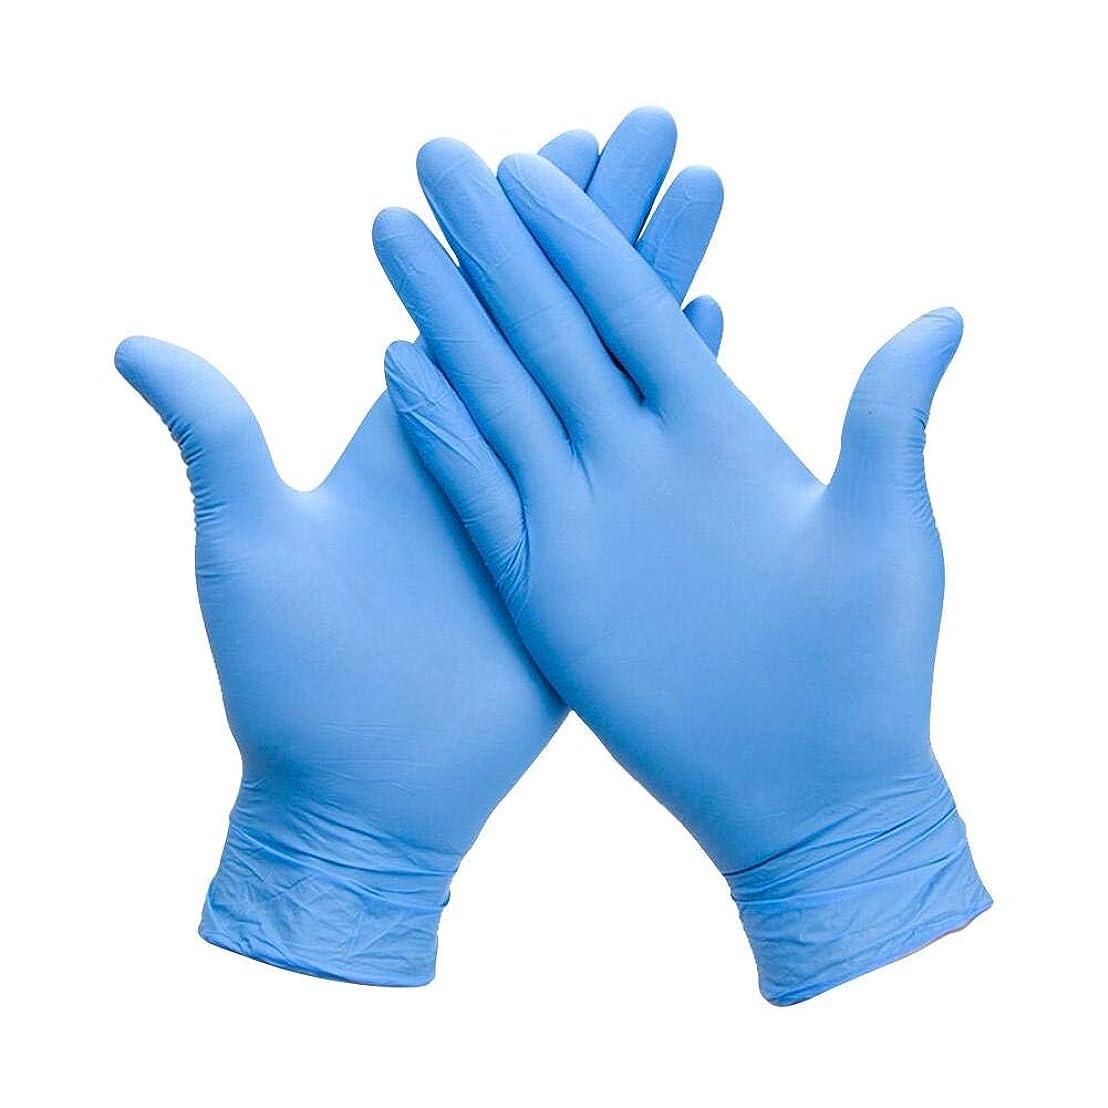 温帯未来フェリーasiproper 使い捨て 手袋 ニトリル製 極薄 耐摩耗性 防水 20個/セット